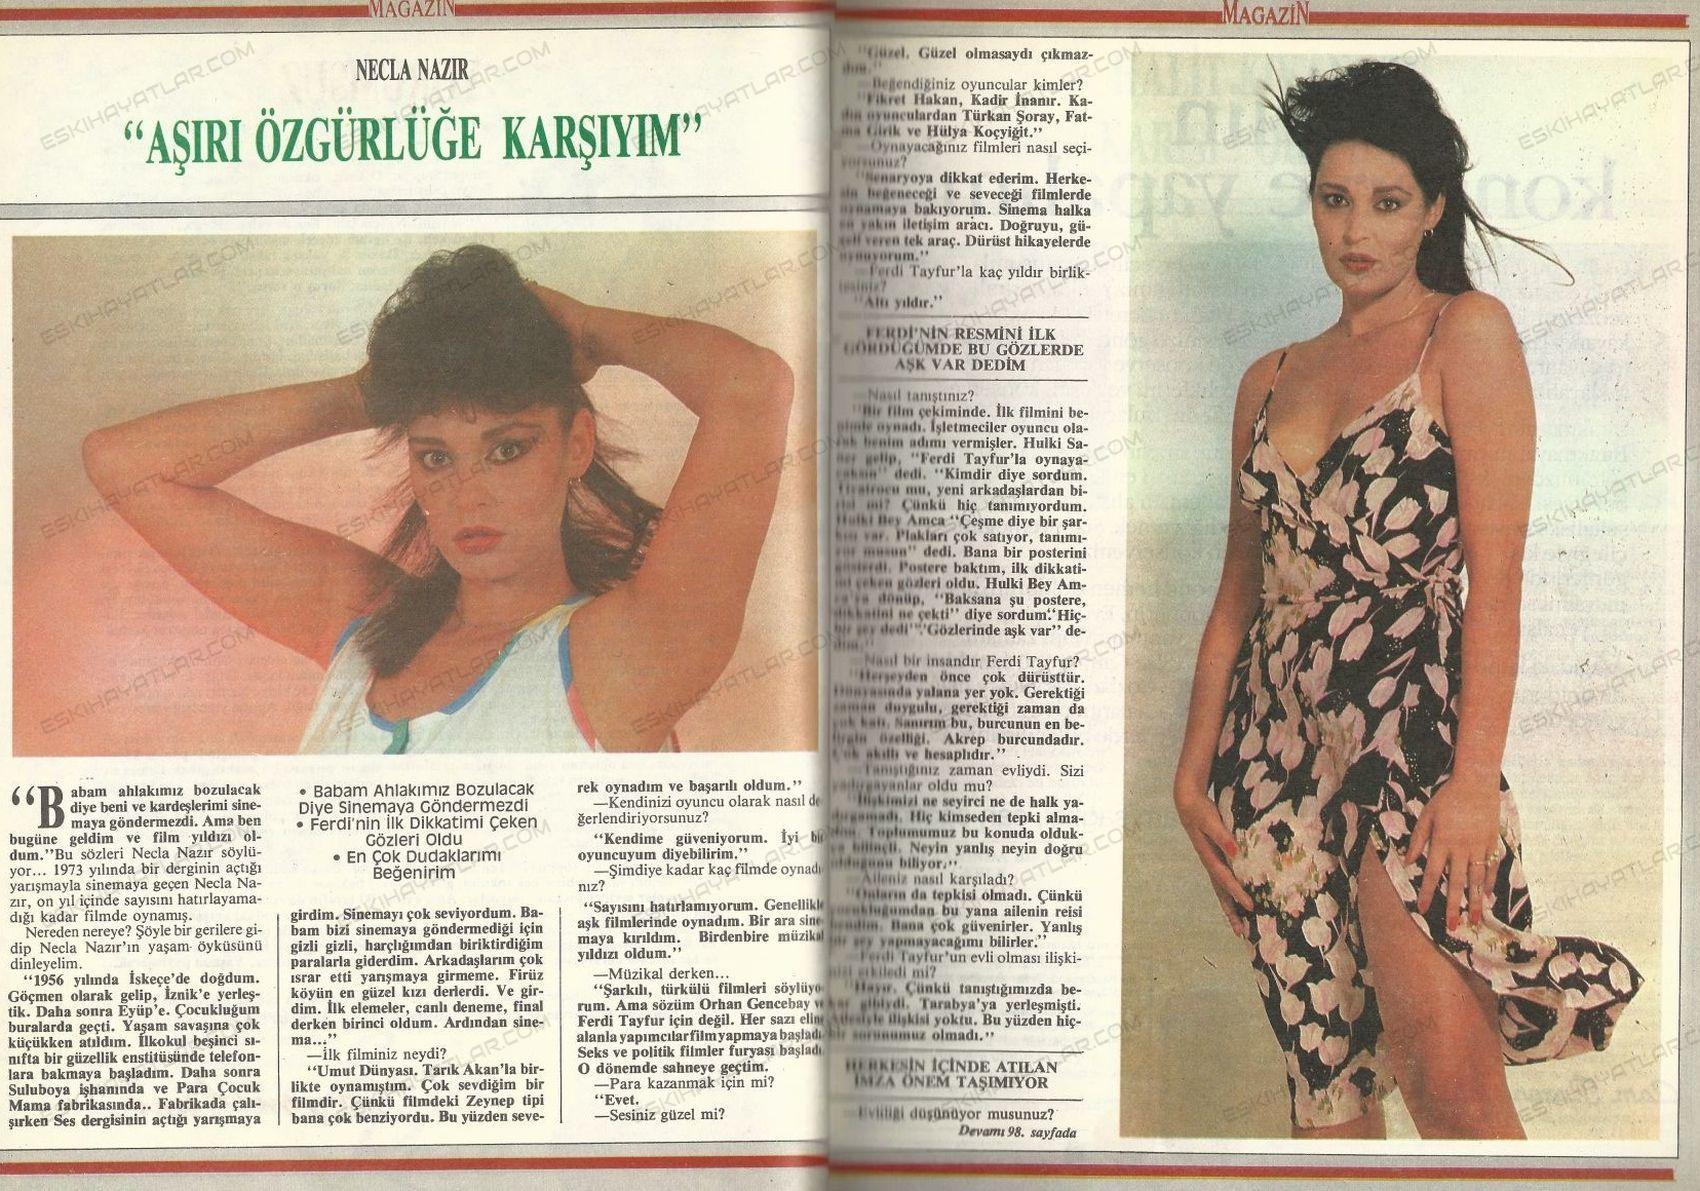 0162-necla-nazir-roportaji-1983-kadinca-dergisi